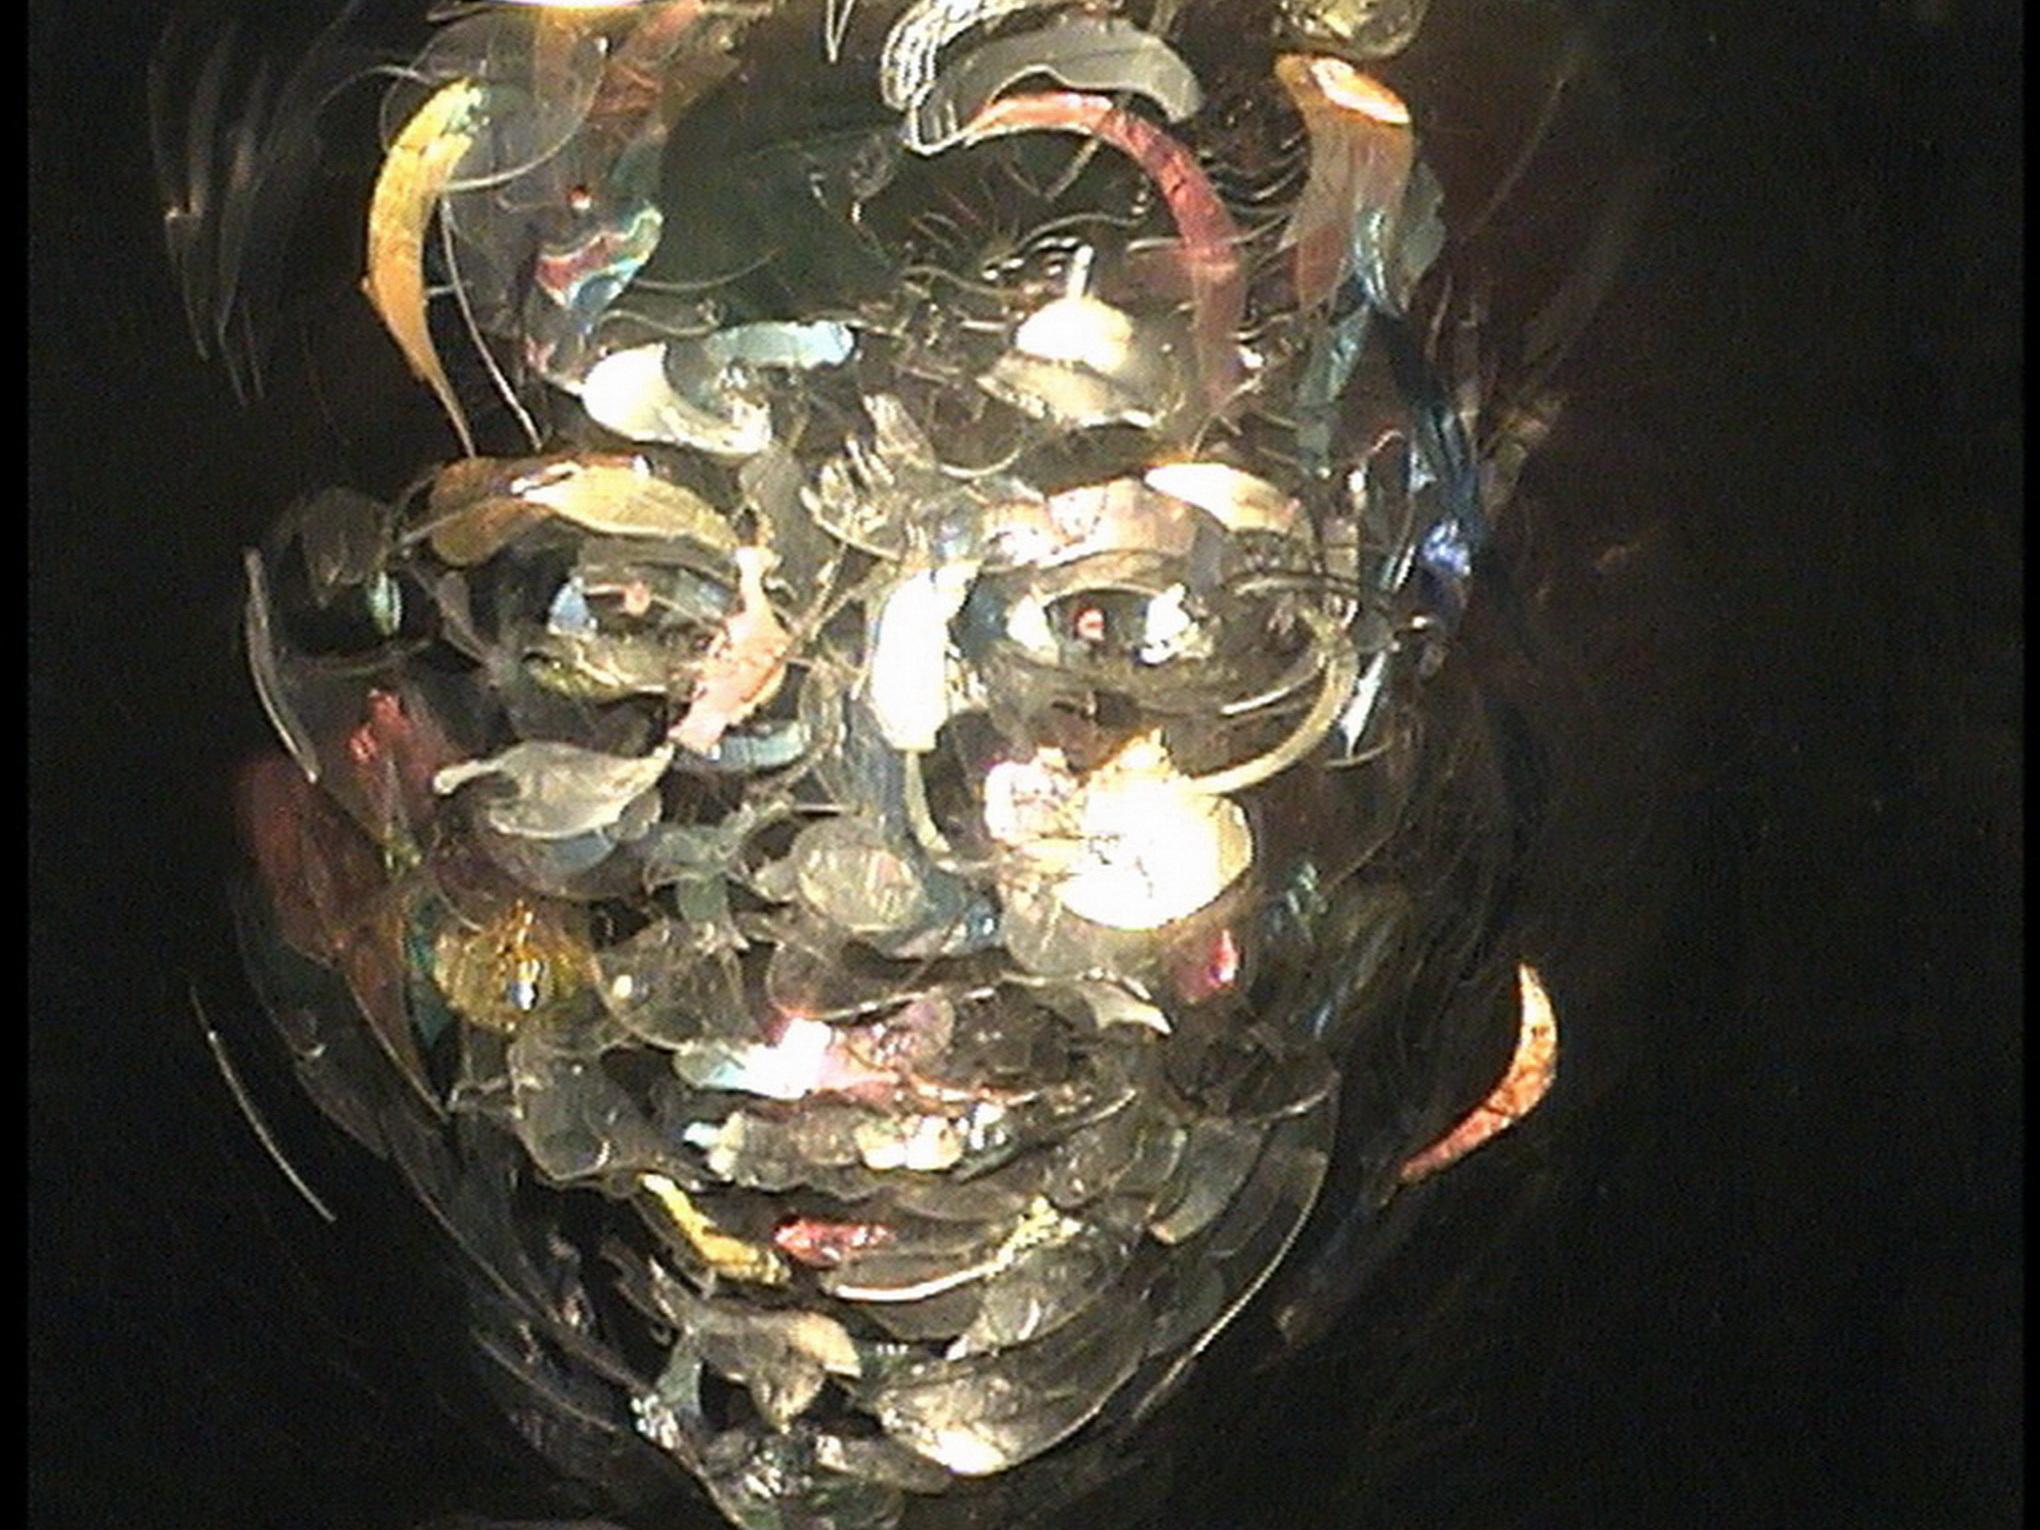 Maurizio Aprea - Famille de lumières - Endosculpture